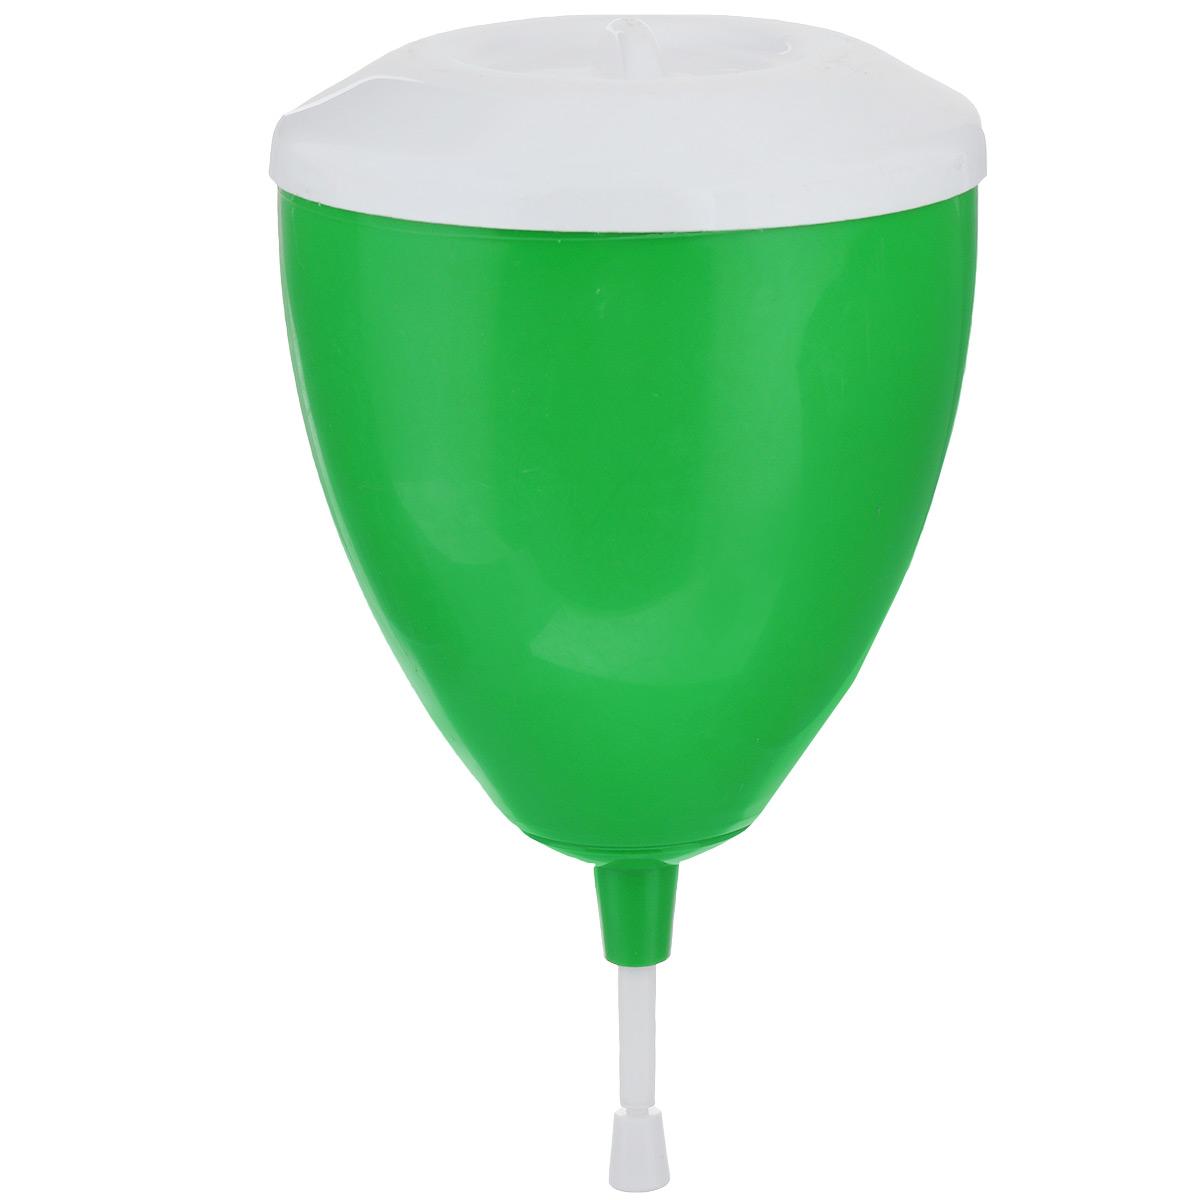 """Рукомойник """"Альтернатива"""" изготовлен из пластика. Он предназначен для  умывания в саду или на даче. Яркий и красочный, он отлично впишется в  окружающую обстановку. Петли обеспечивают вертикальное крепление  рукомойника. Рукомойник оснащен крышкой, которая предотвращает попадание  мусора.  Рукомойник """"Альтернатива"""" надежный и удобный в использовании. Диаметр рукомойника: 19 см.  Высота рукомойника (с учетом крышки): 23 см."""